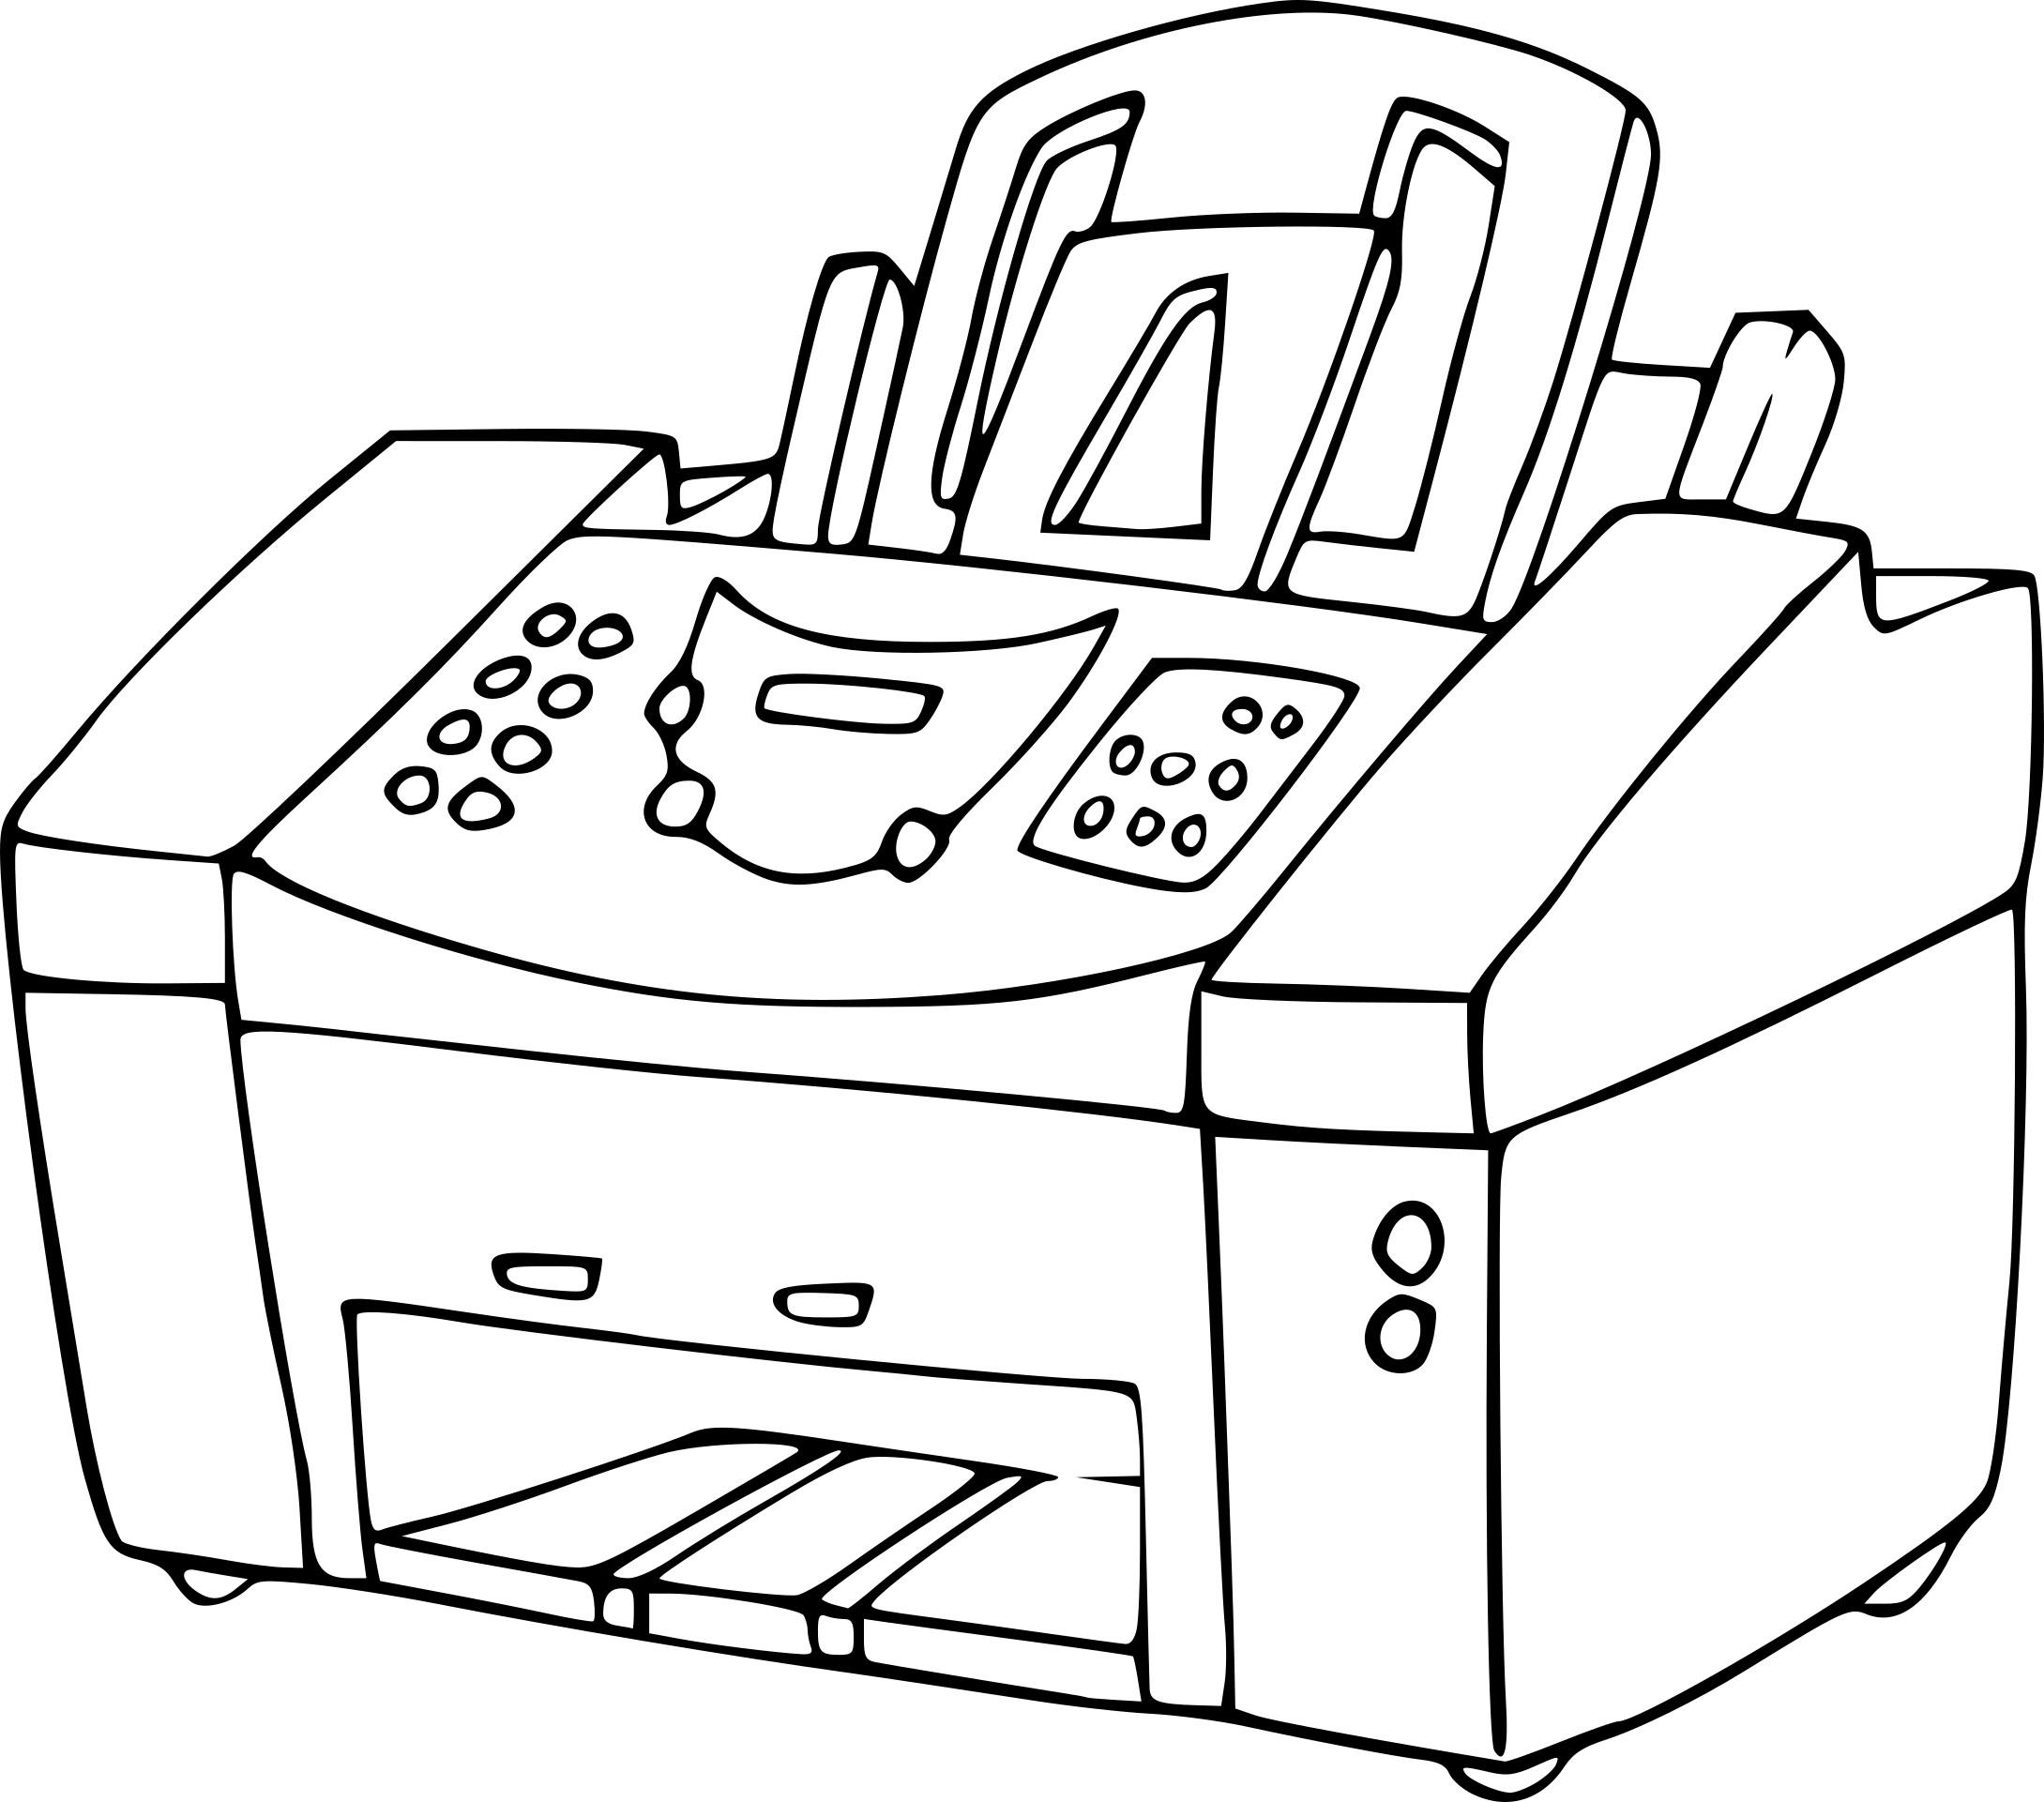 Dessin A Imprimer: Coloriage Imprimante à Imprimer